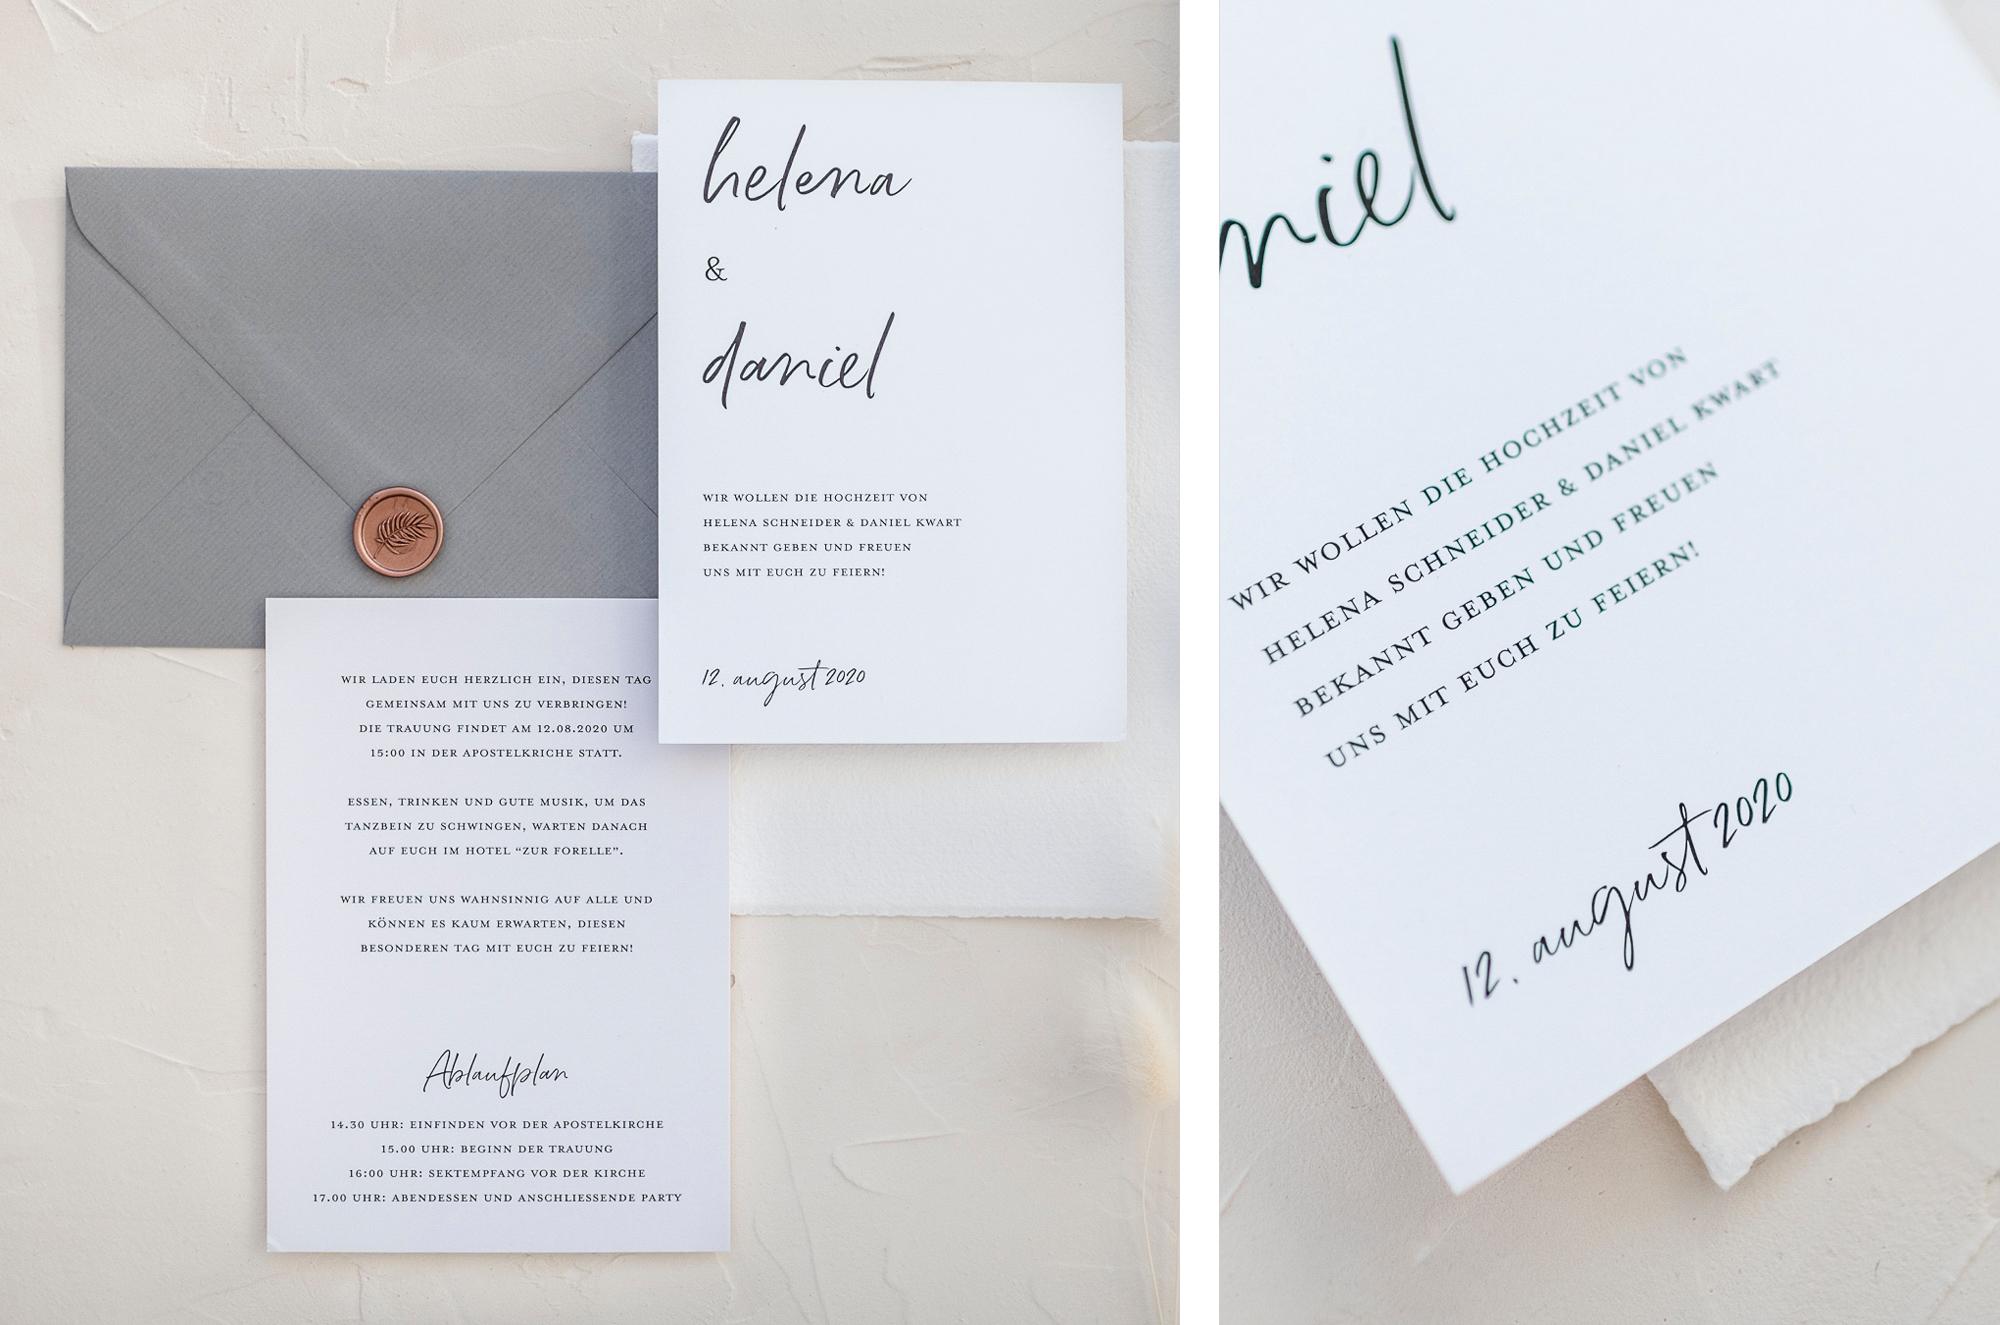 Minimalistische Hochzeitseinladung mit Handlettering